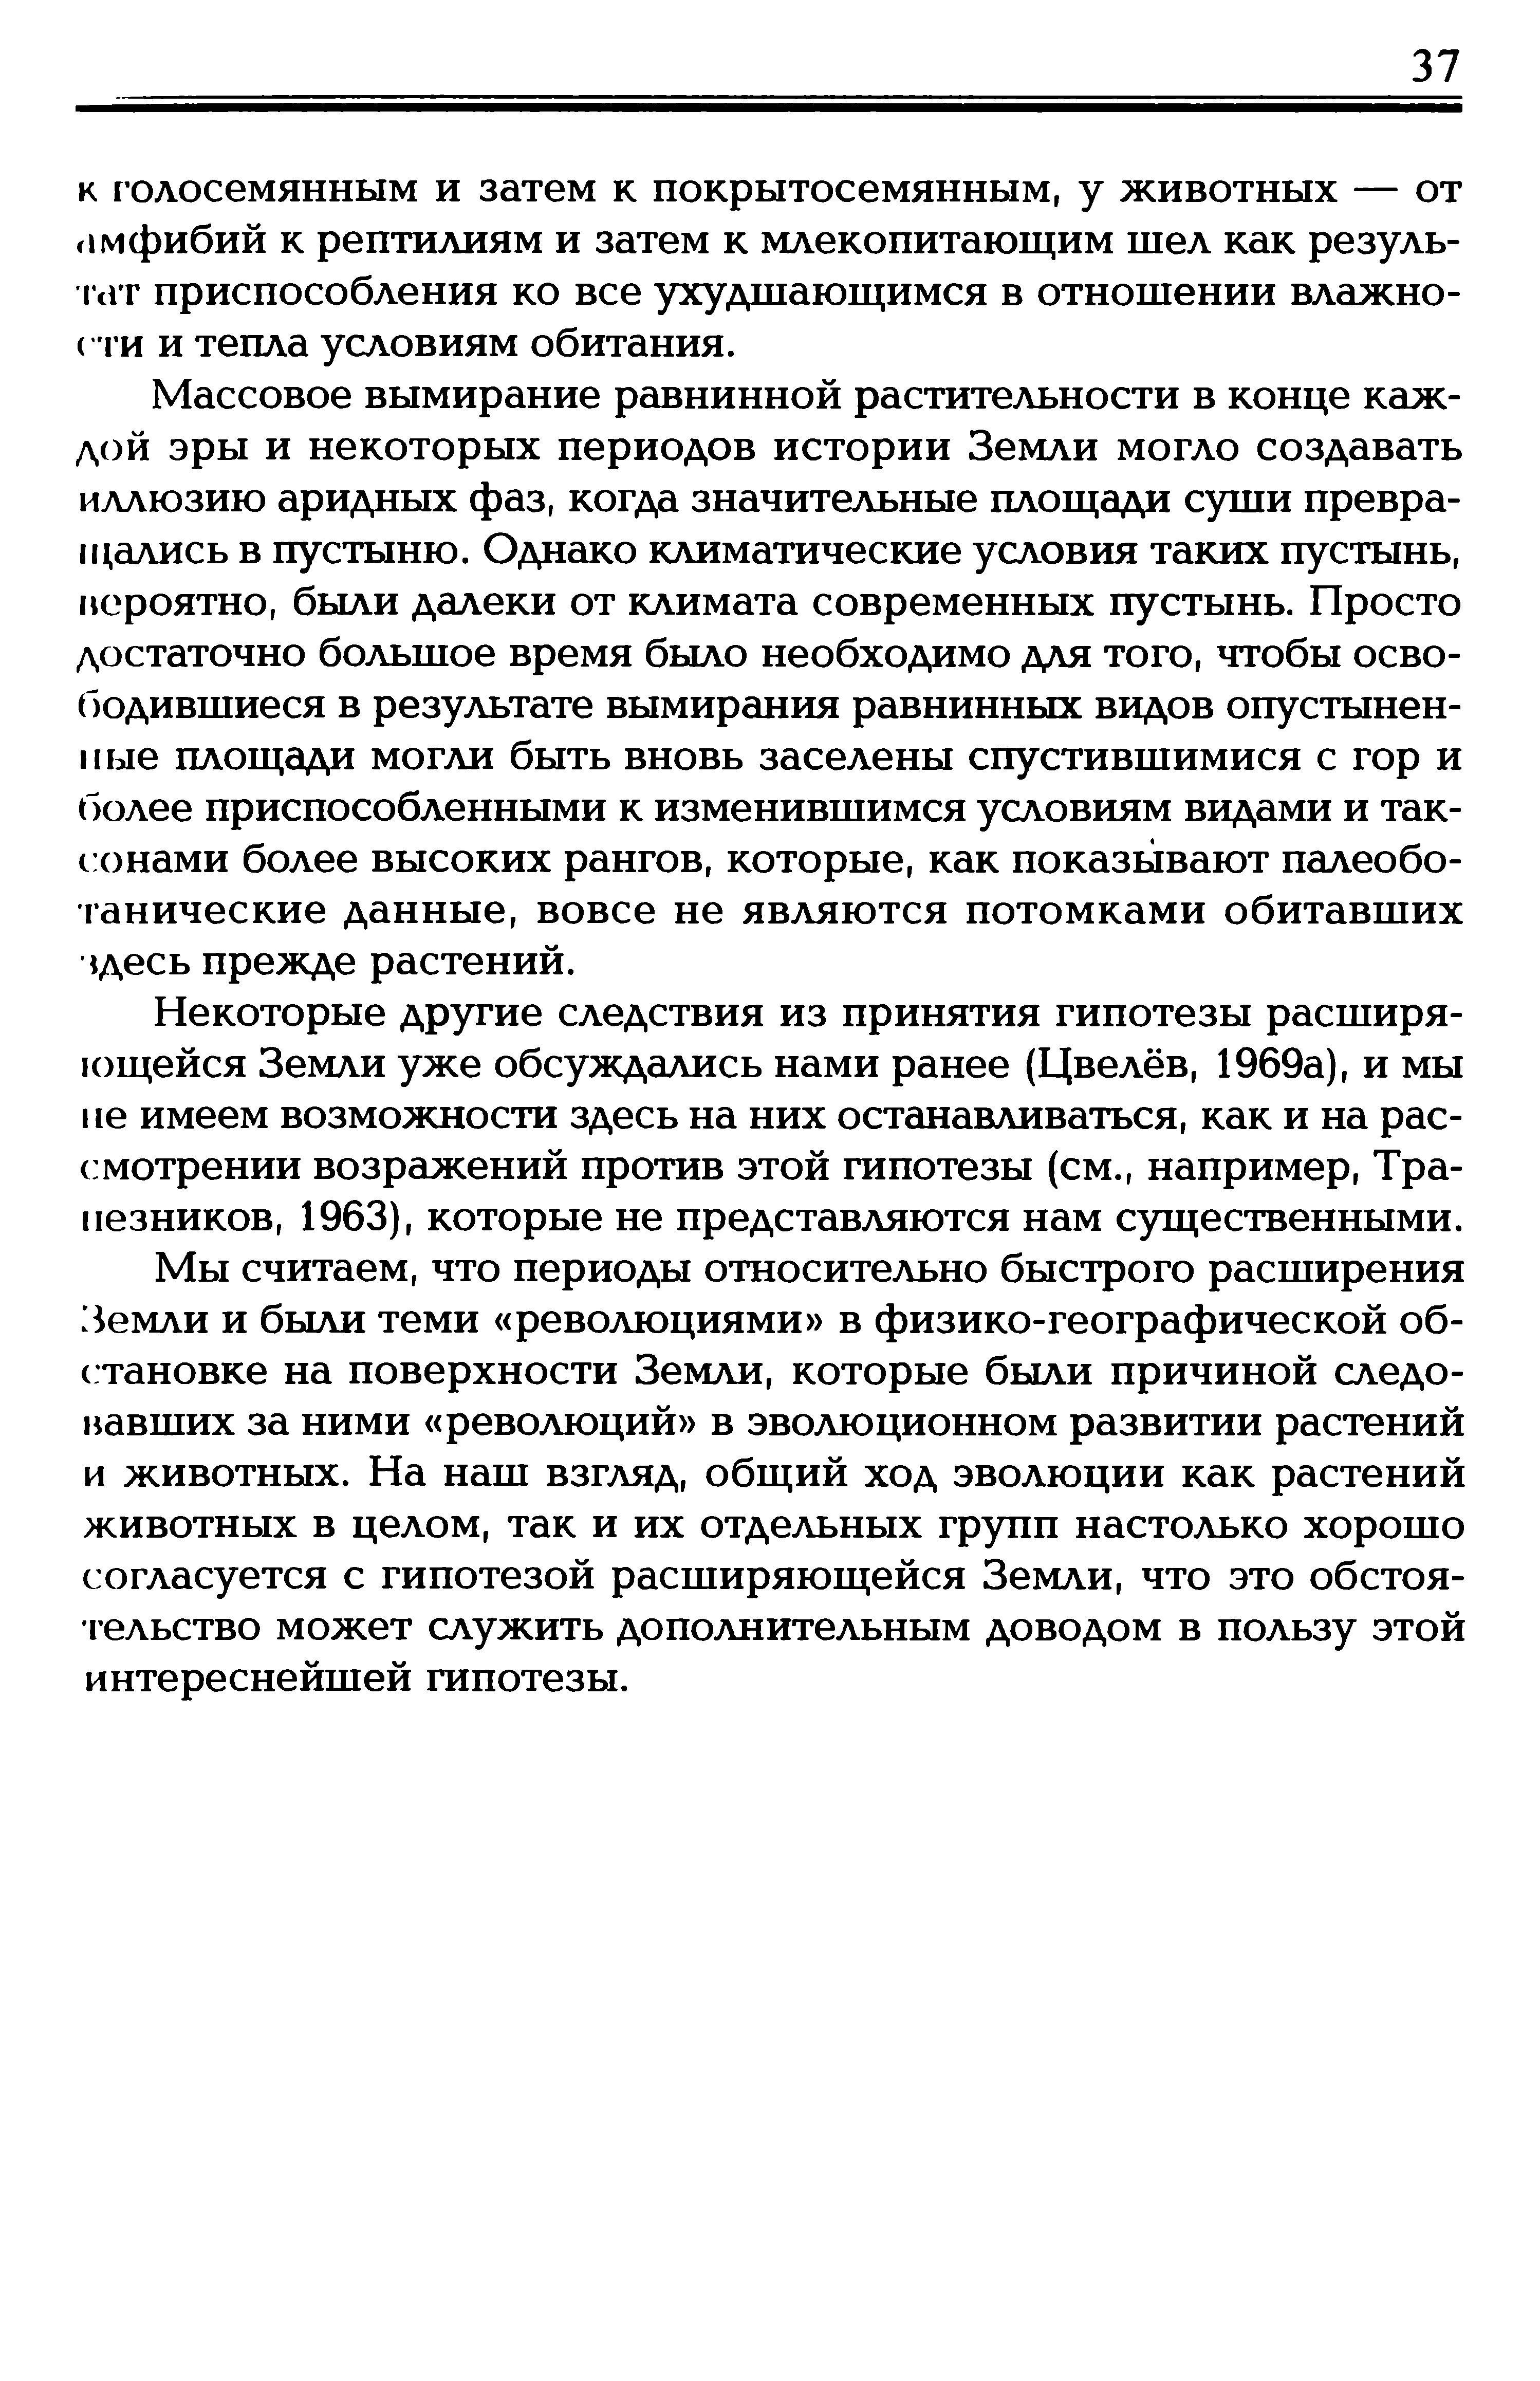 Tzvelev, 2005_2_5.jpg